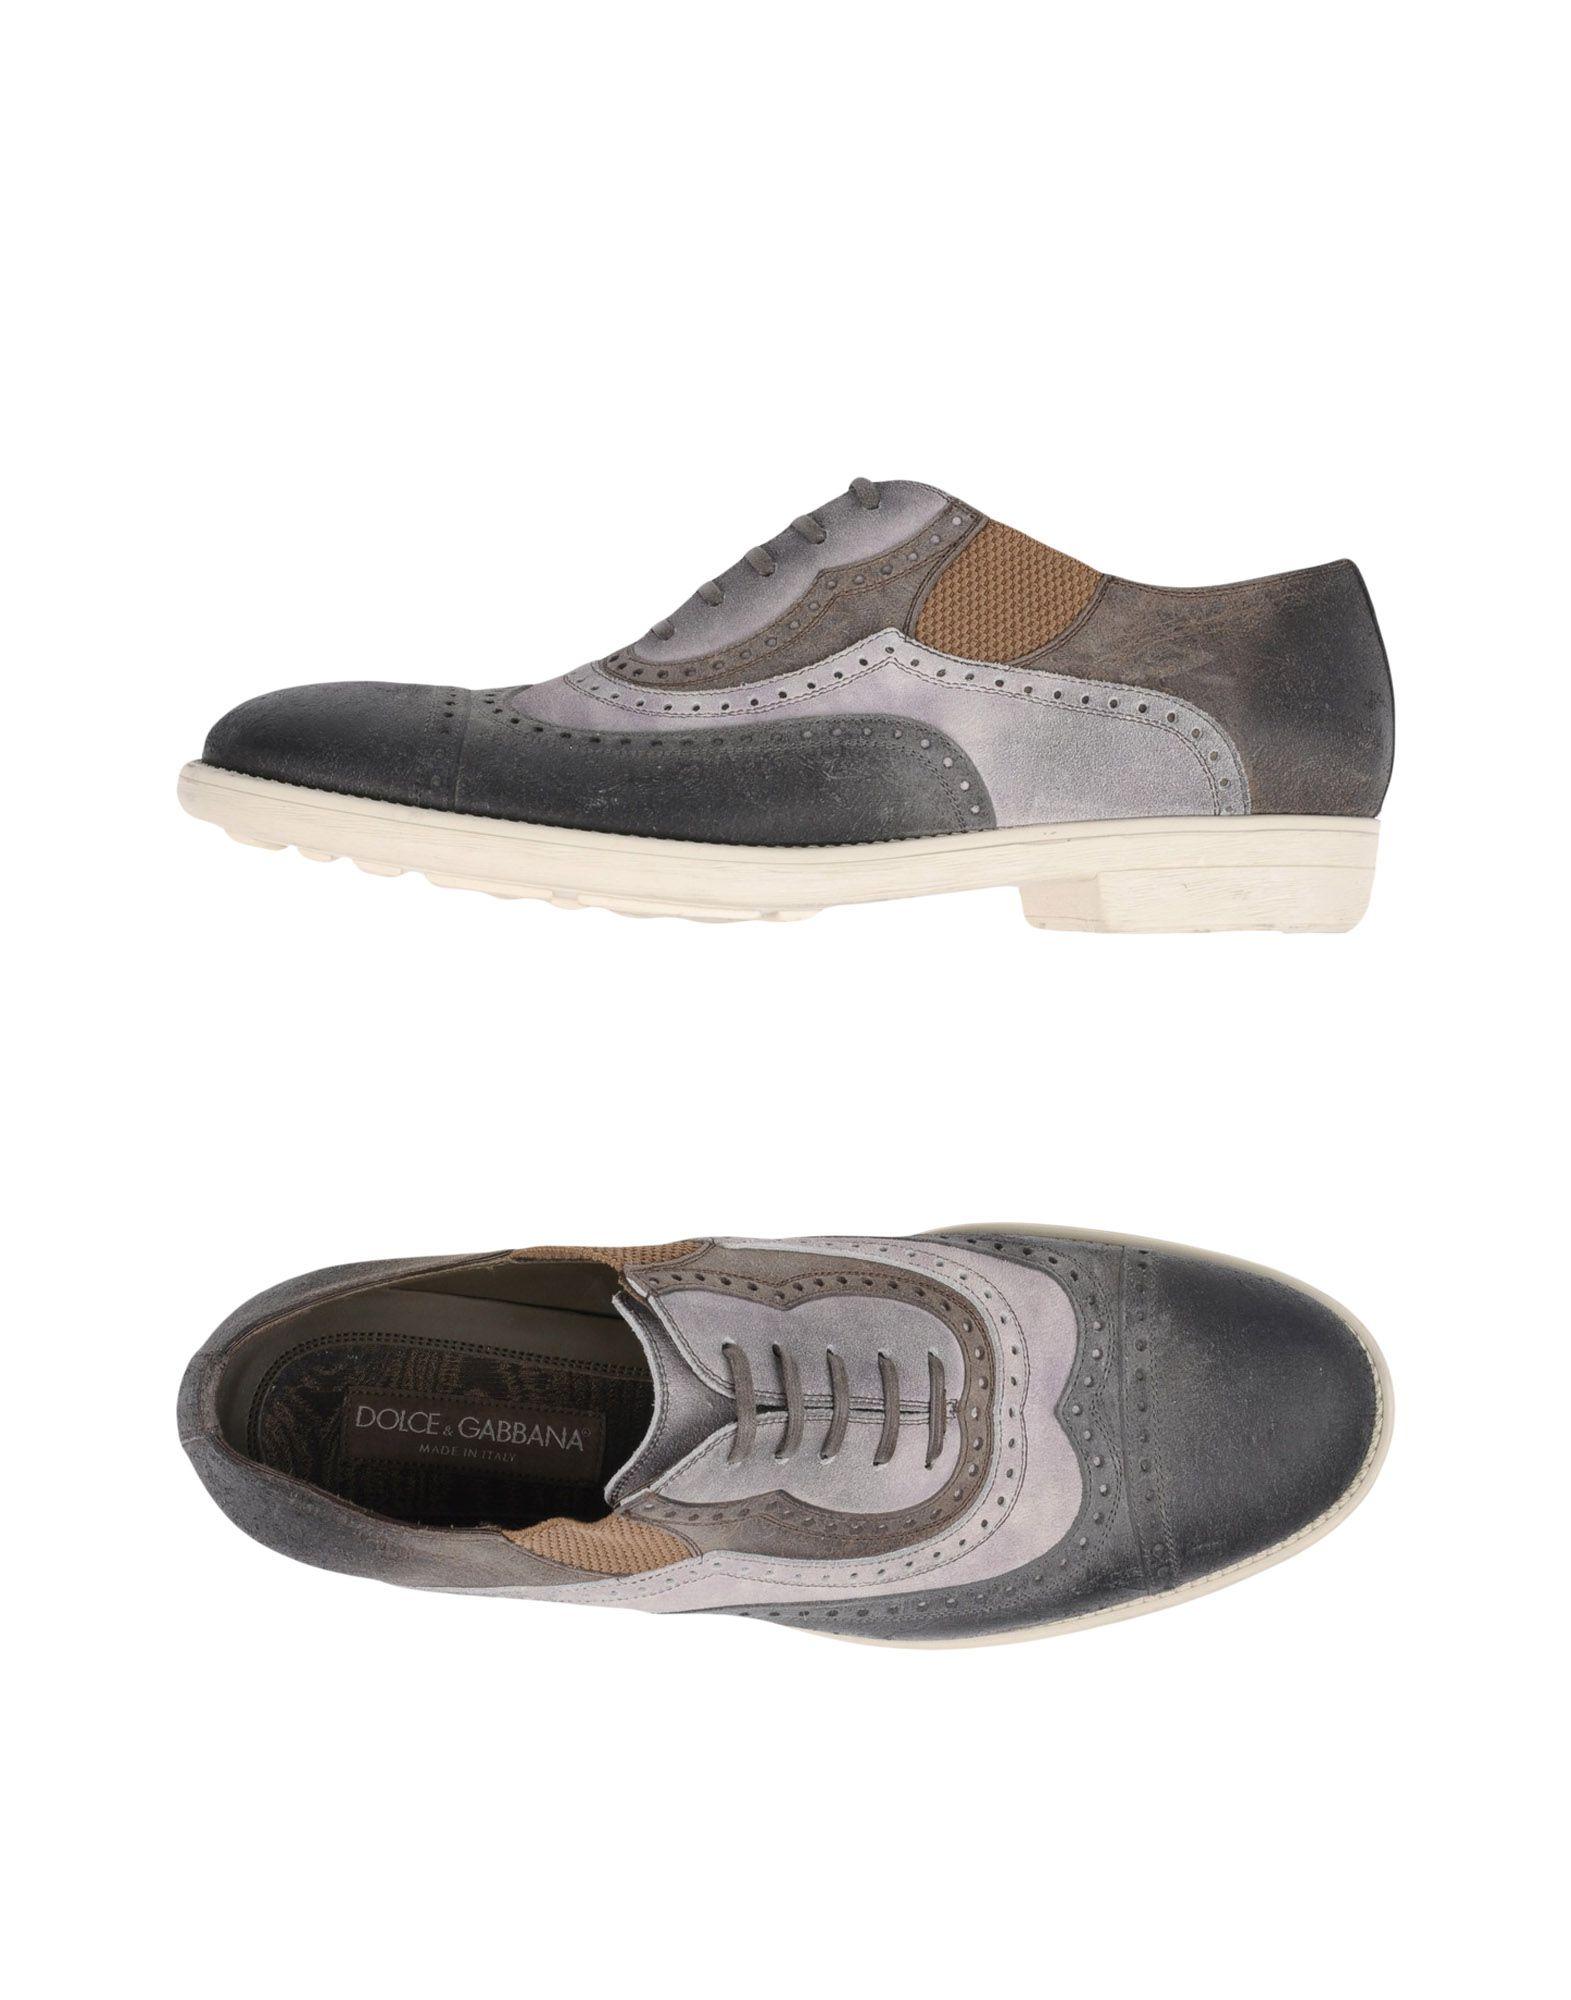 Dolce & Gabbana Schnürschuhe beliebte Herren  11184188IQ Gute Qualität beliebte Schnürschuhe Schuhe c14fdf